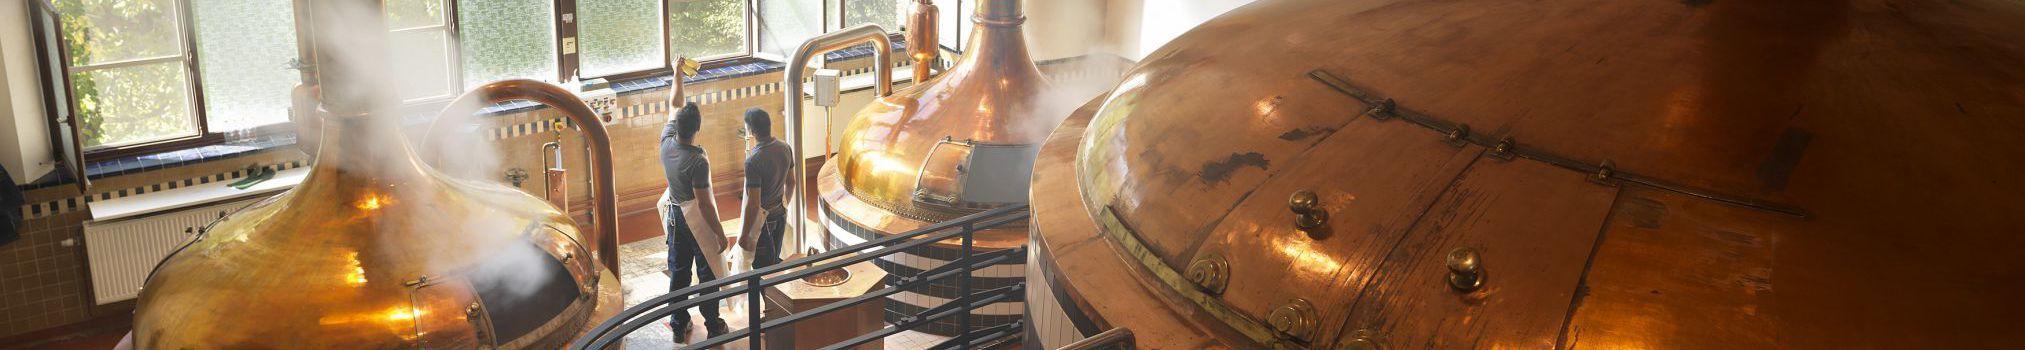 Debate en la sala histórica de elaboración de cerveza de Westmalle